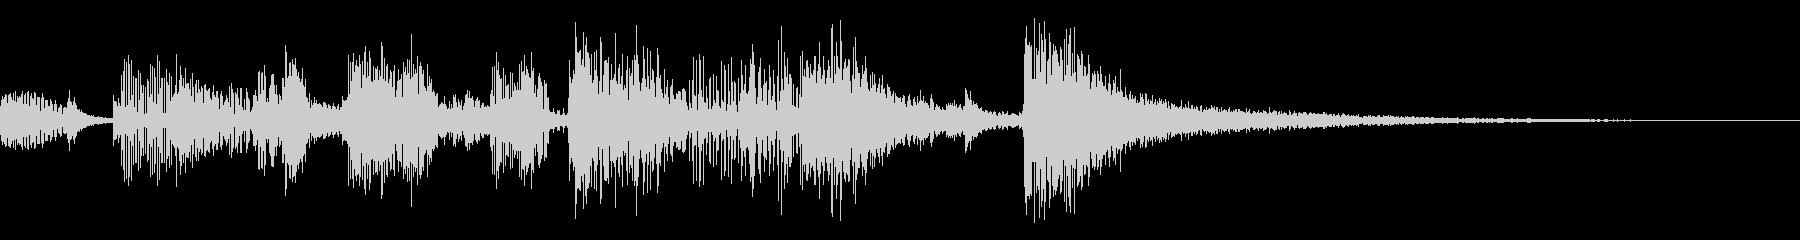 【ロゴ】計算機ボサノバ不思議【ジングル】の未再生の波形